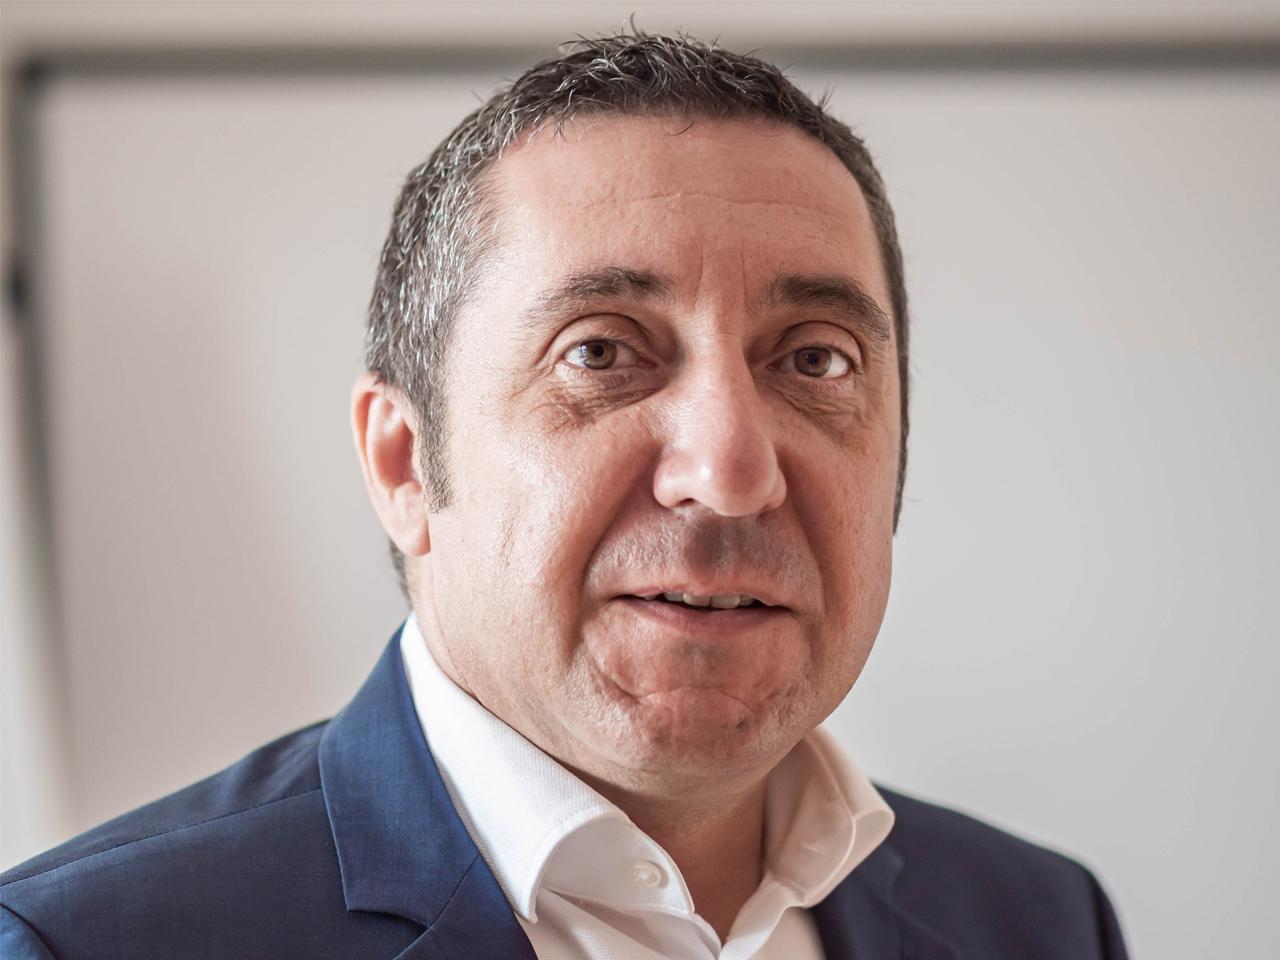 Cyrille                                                    Dubois                                                    - Responsable Unité Coopération Internationale